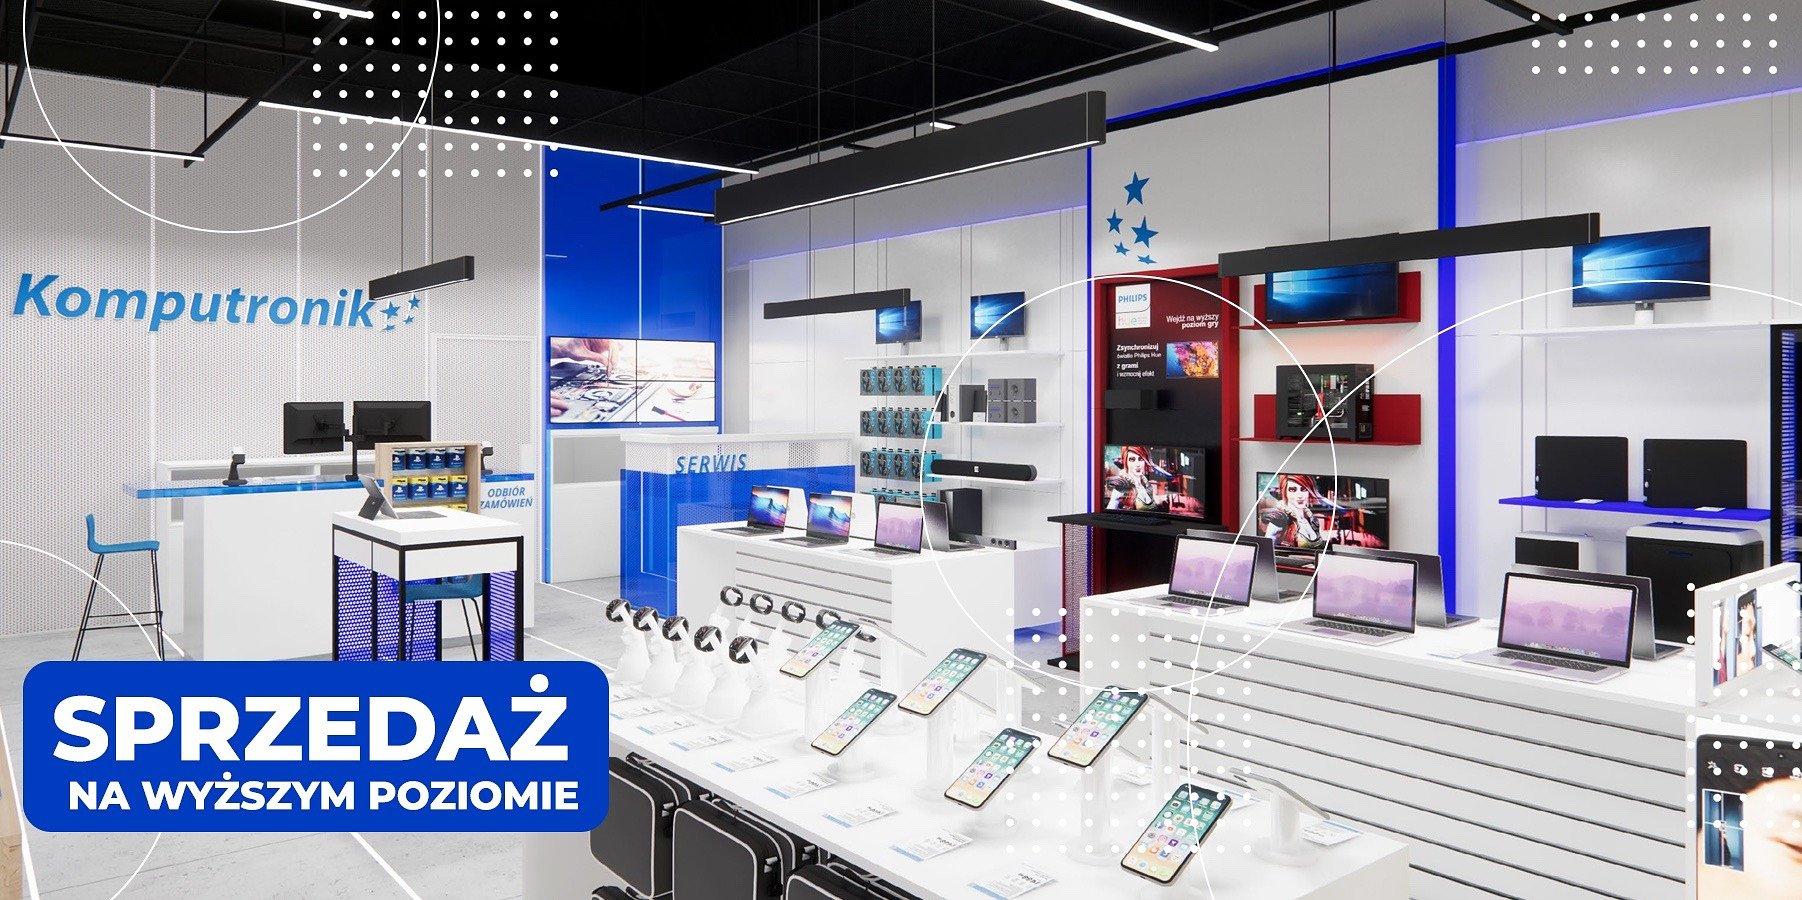 Komputronik z nowym formatem sklepów